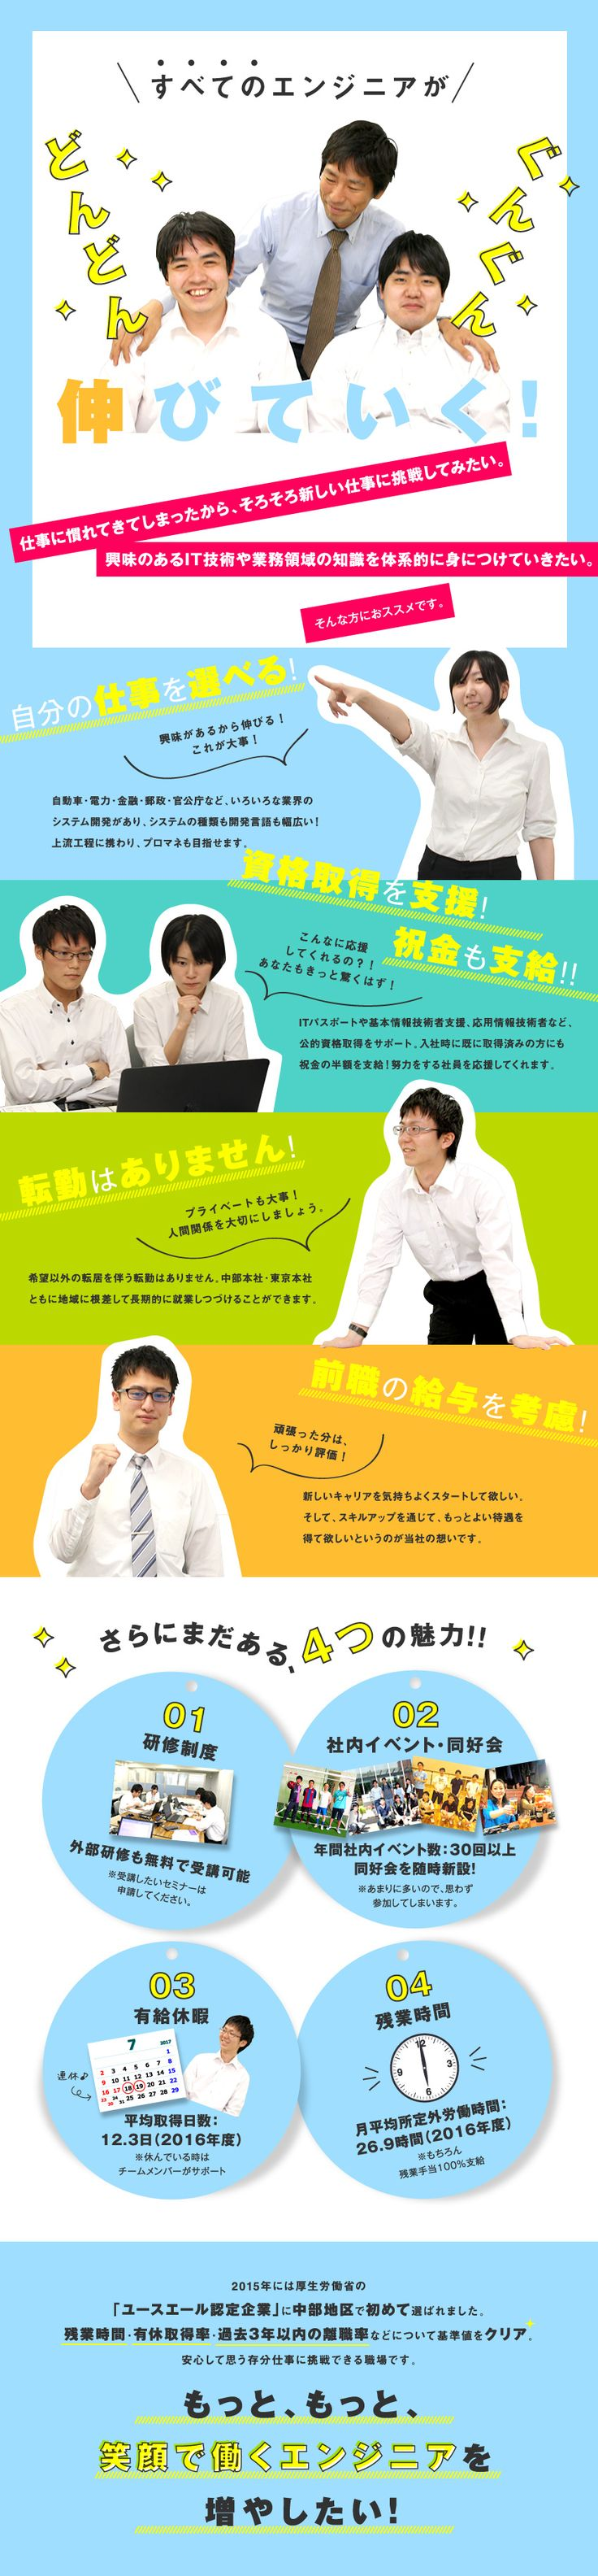 株式会社エイエイエスティ/ITエンジニア(オープン系・業務系システム開発/組込みソフトウェア開発)の求人PR - 転職ならDODA(デューダ)